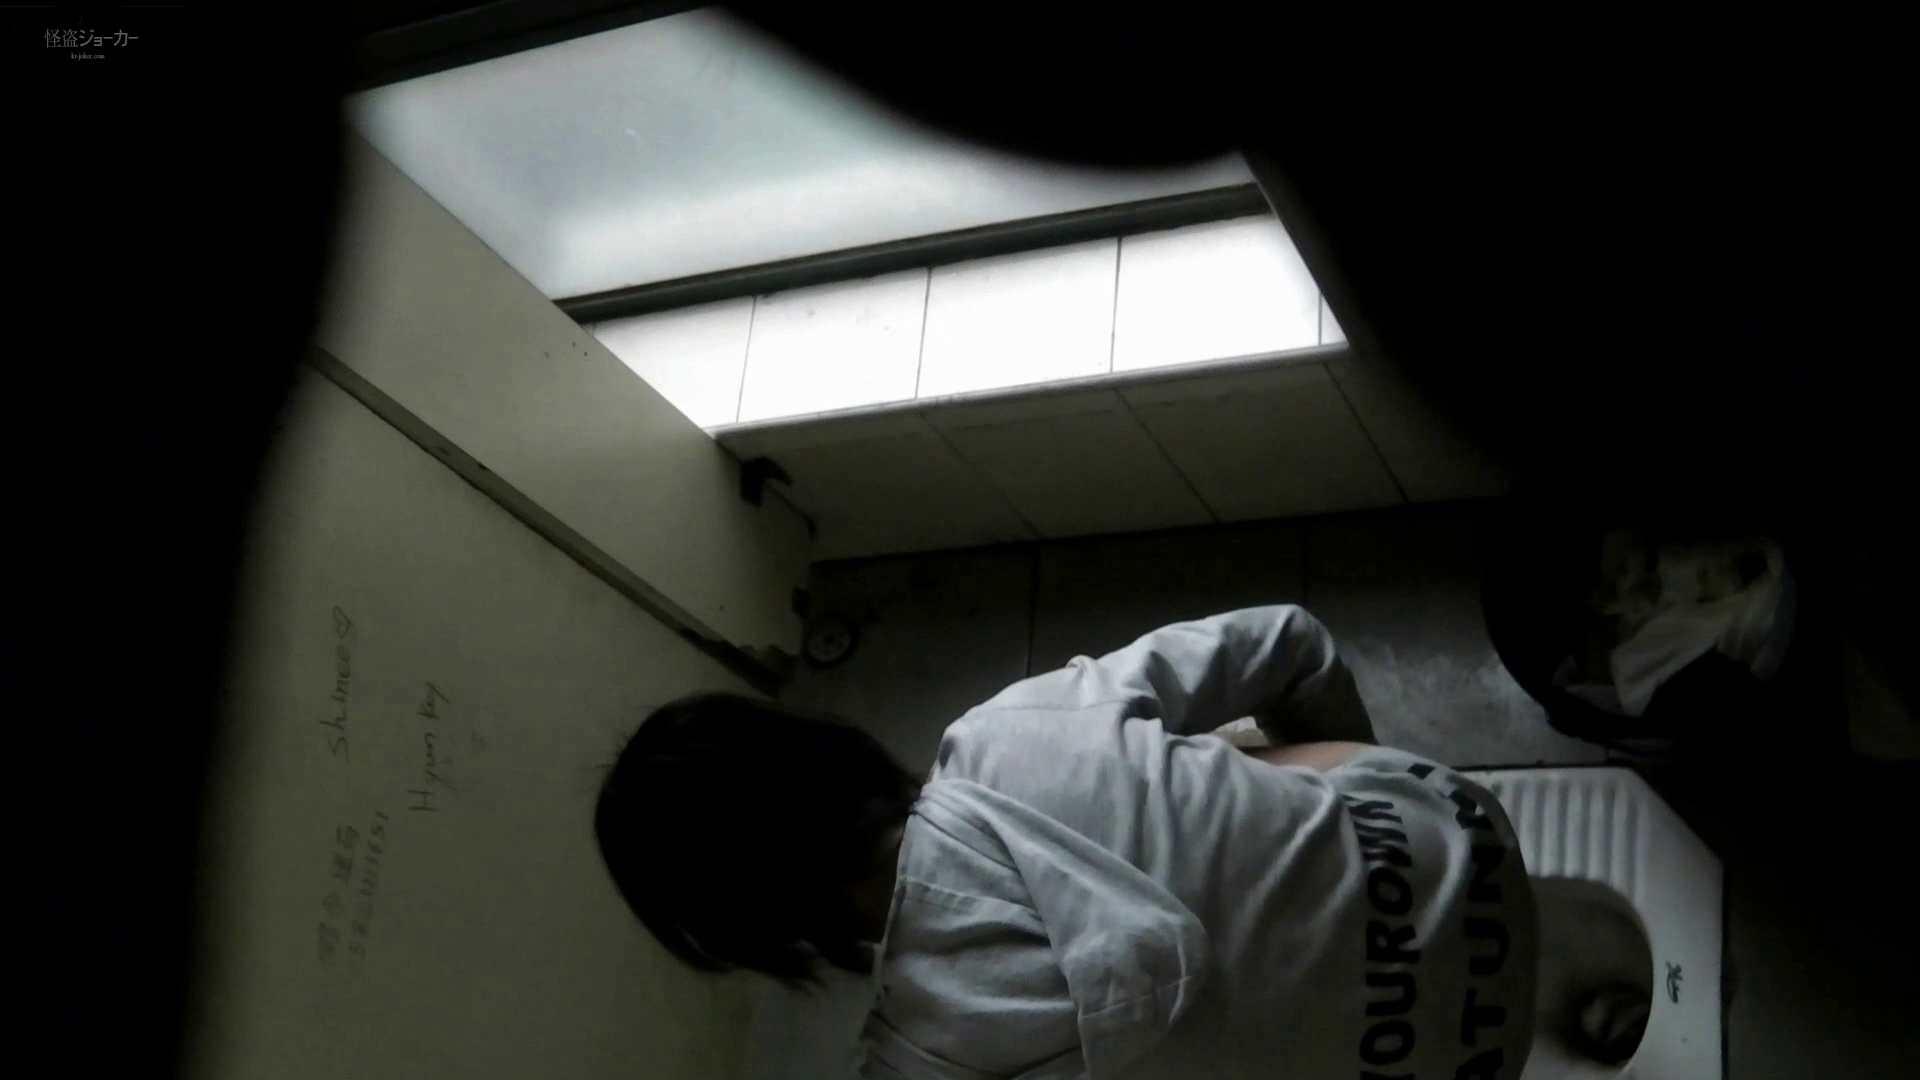 ステーション編 vol.25 必見桜庭みなみ?似 登場! ギャルズ ワレメ無修正動画無料 87画像 74